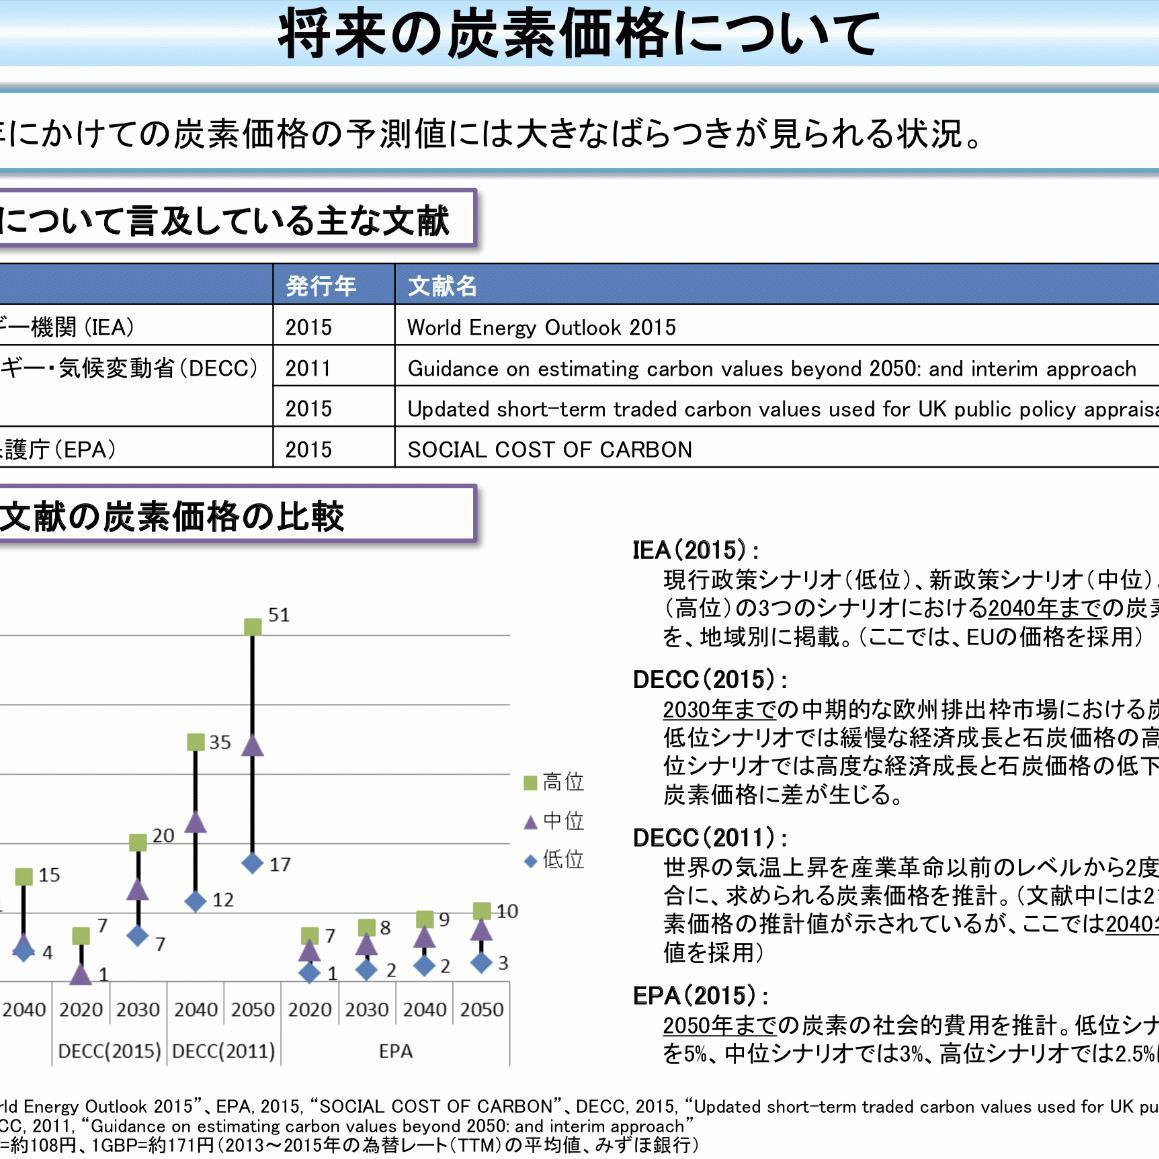 「生コン産業と《カーボンニュートラル》《炭素税》《カーボンクレジット》というトレンドについて」RRCS